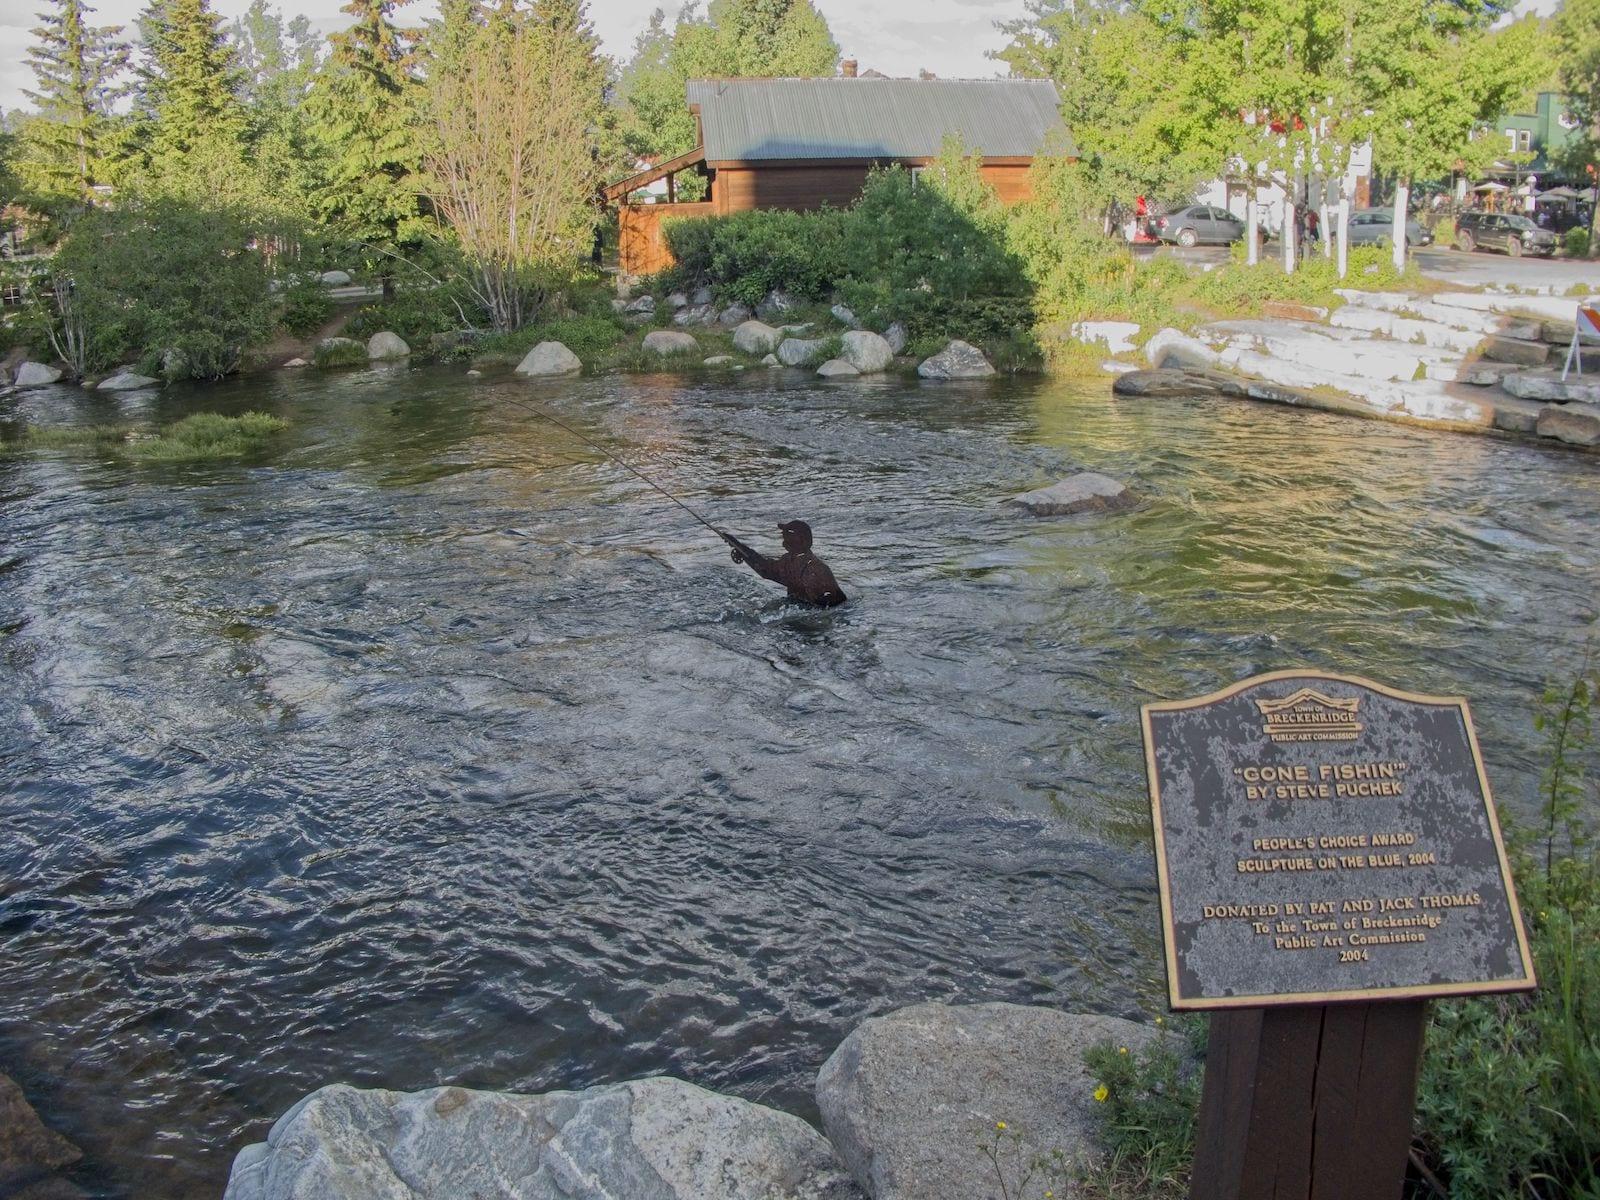 Blue River Breckenridge Gone Fishin' Sculpture